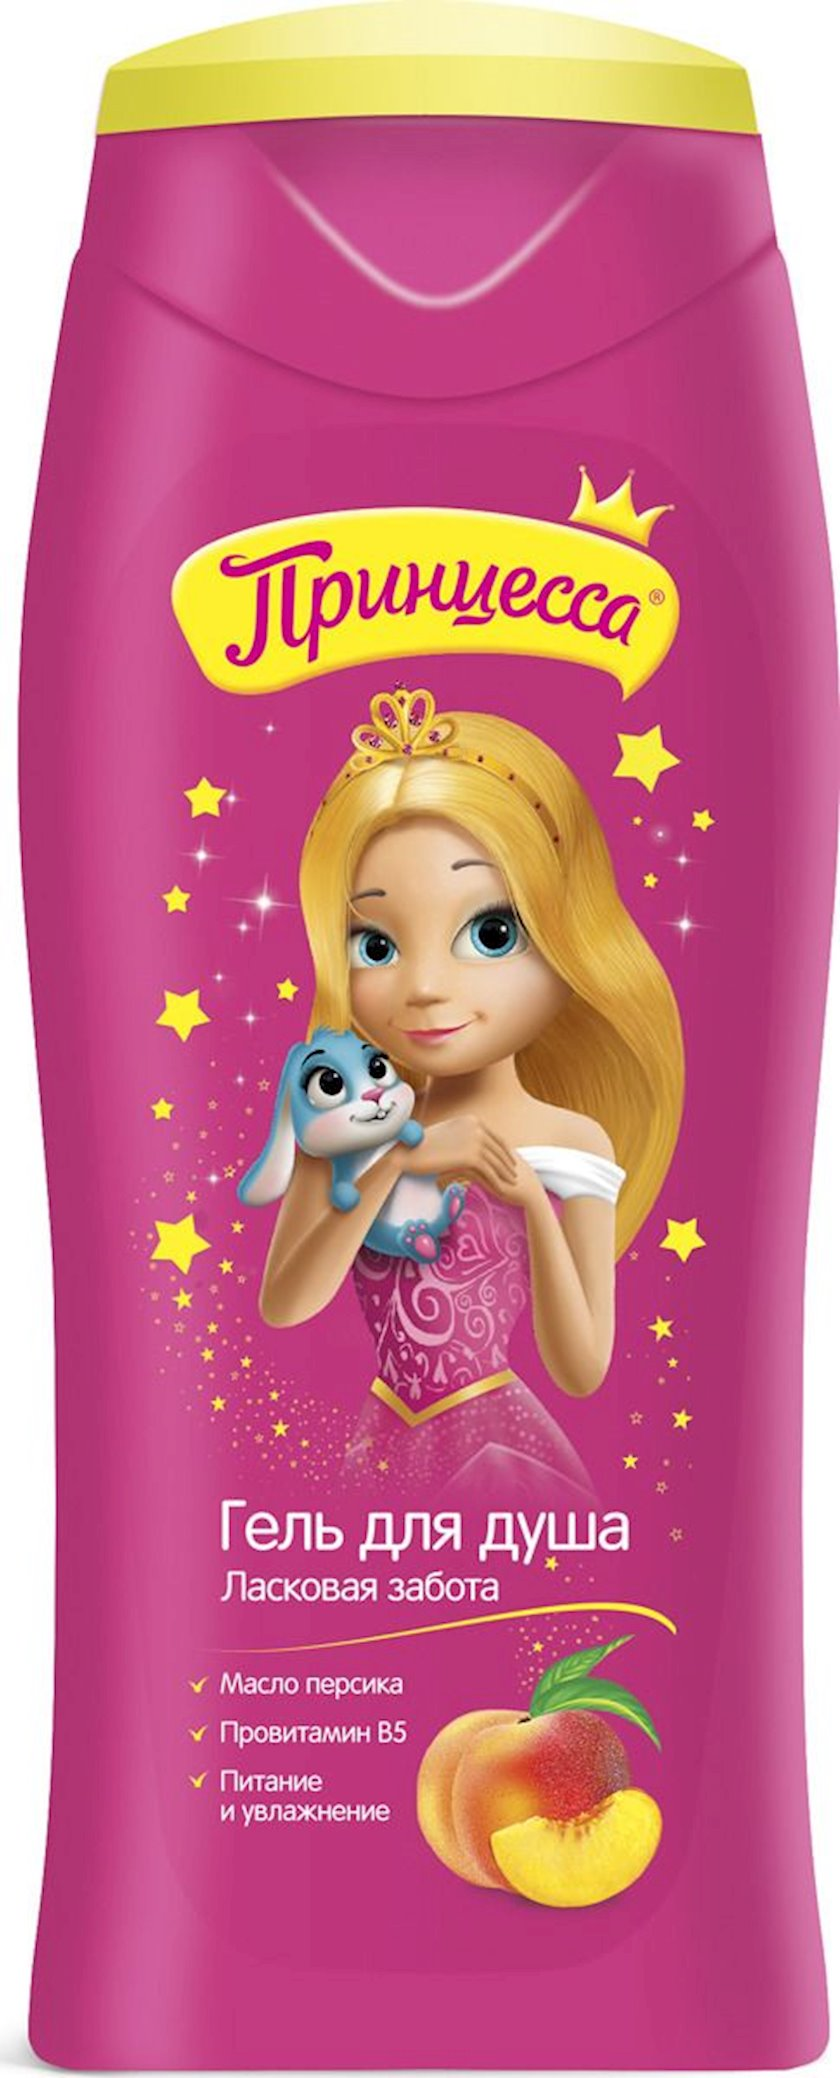 Uşaqlar üçün duş geli Принцесса Mehriban qayğı 250 ml